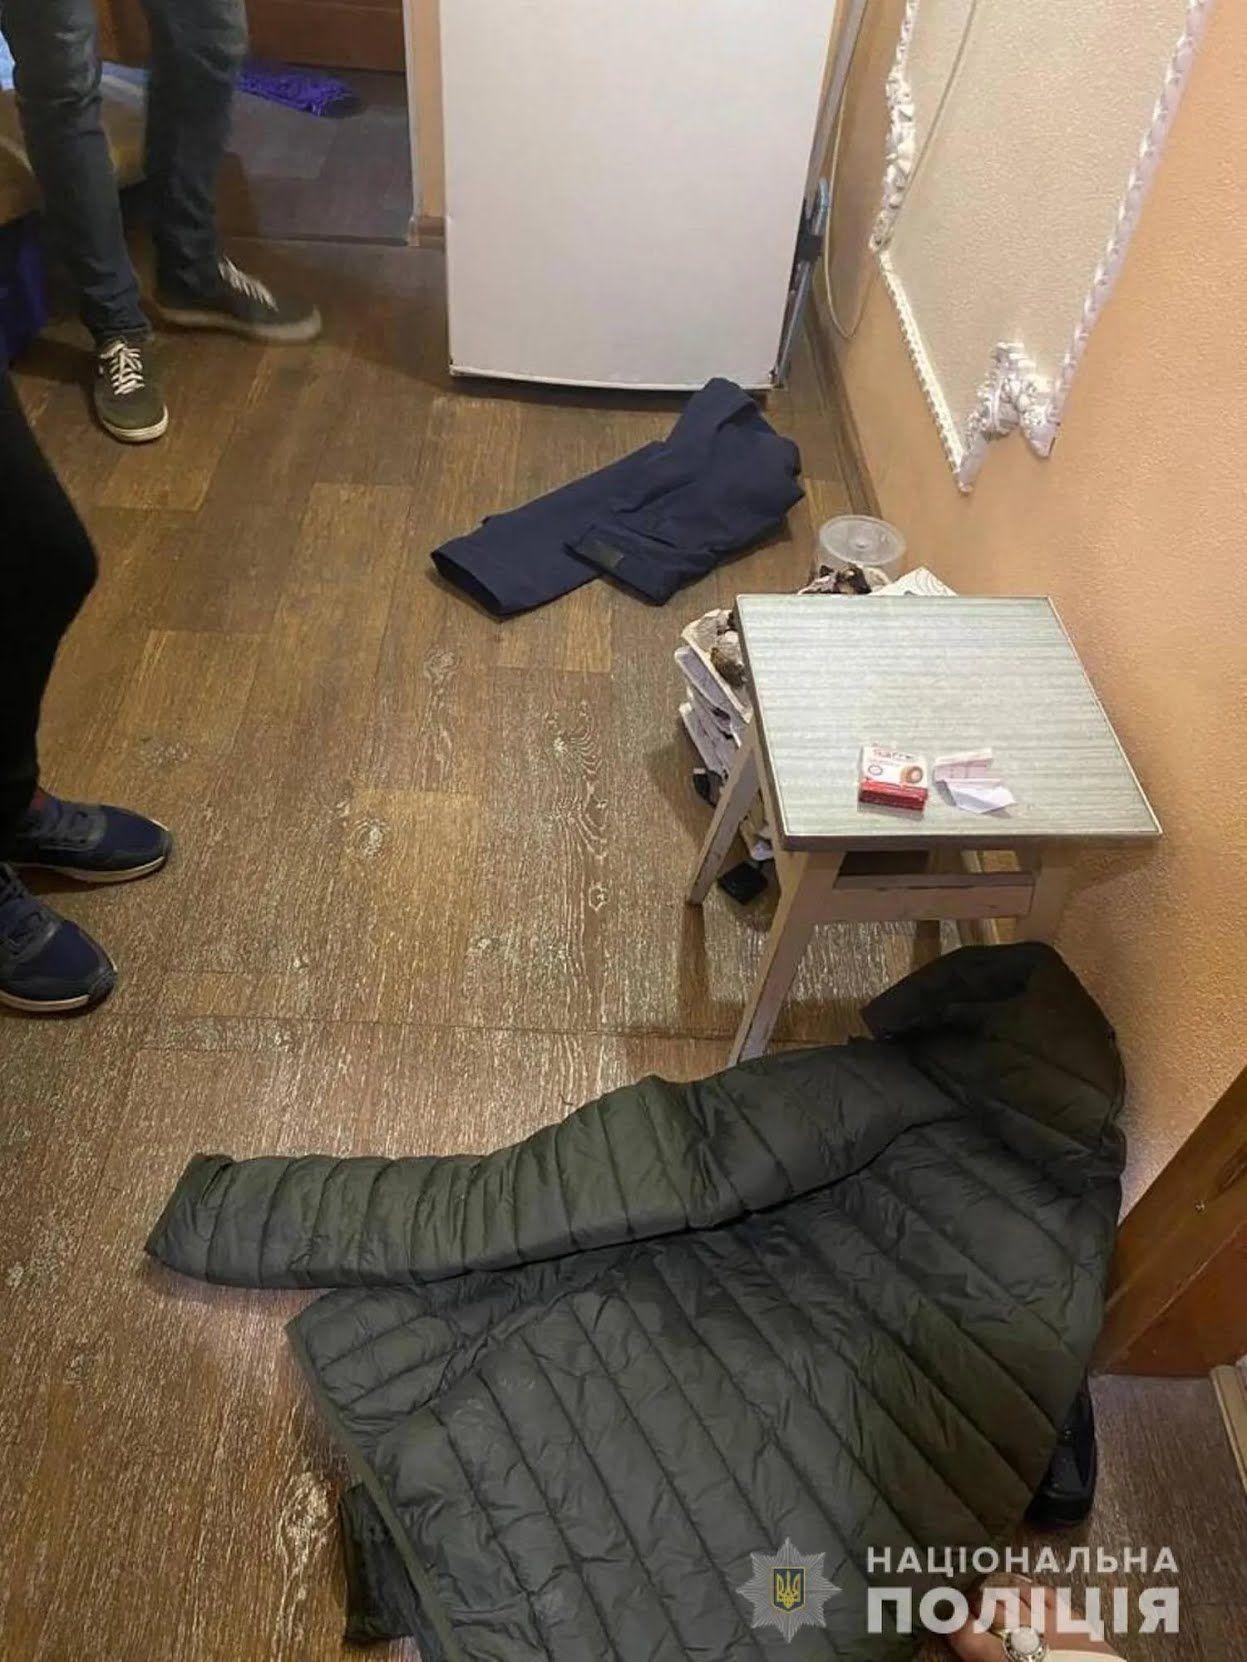 Момент обшуку житла підозрюваного у скоєнні подвійного вбивства у Харкові